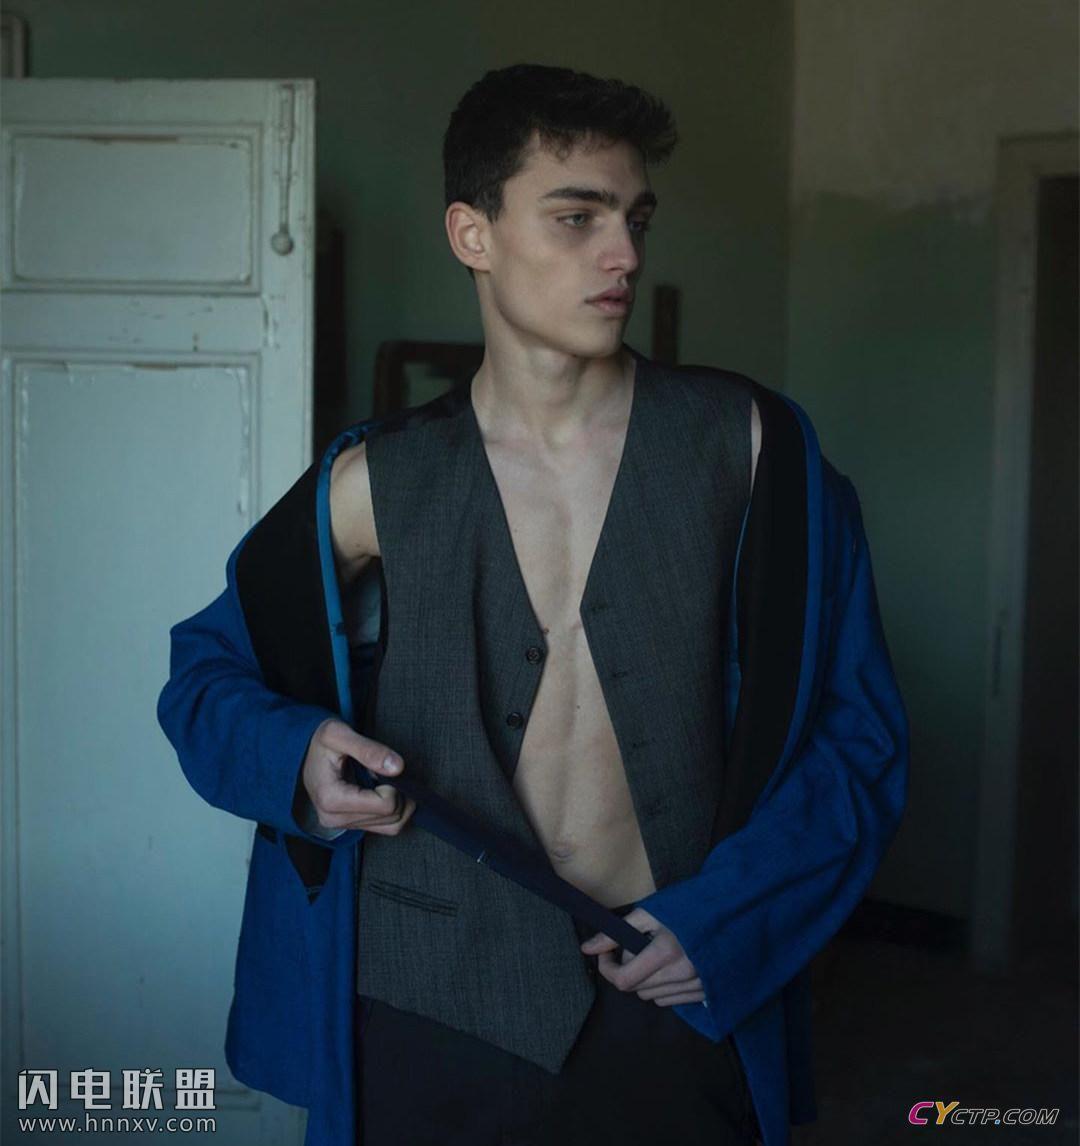 18岁法国鲜肉男生照片